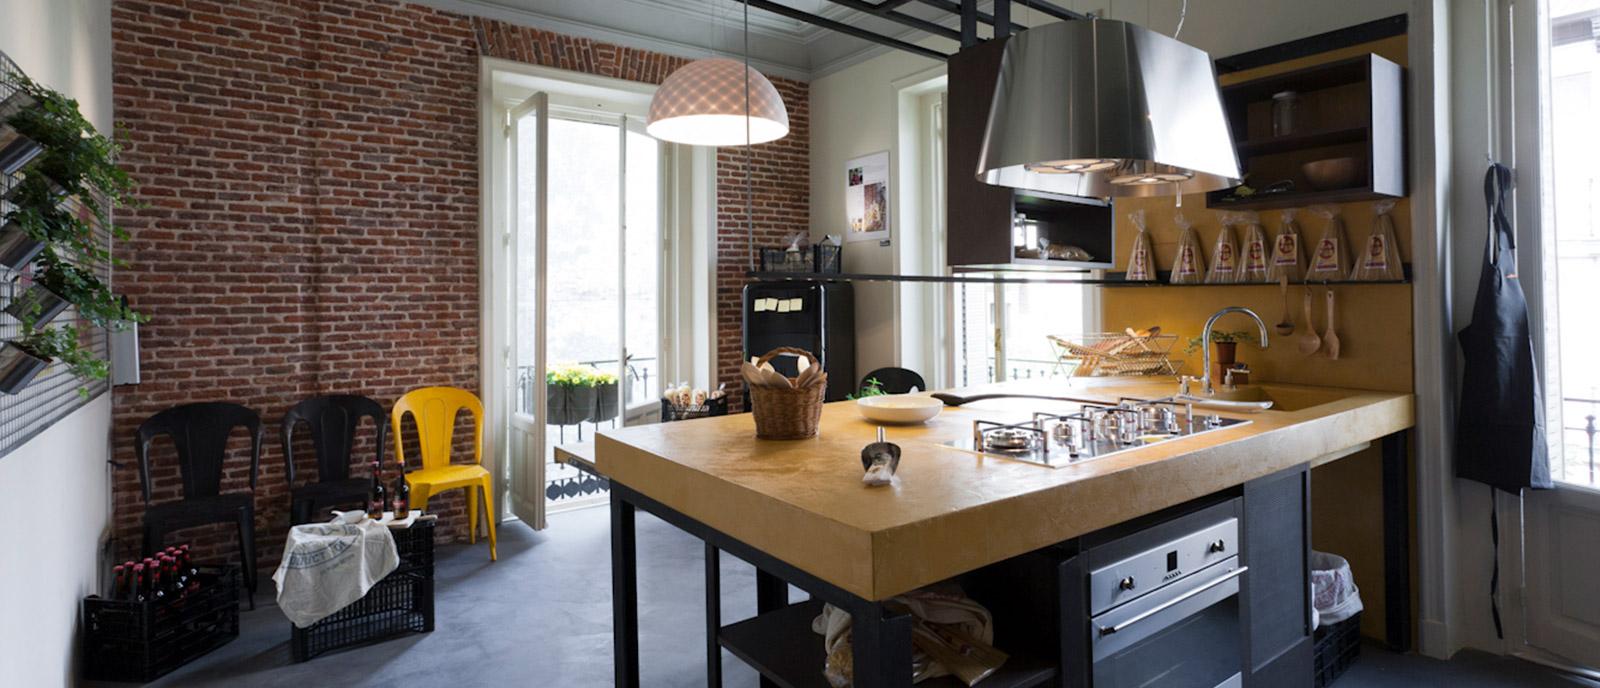 """Cocina de estilo industrial – """"PAST-IT. Hands made ideas"""""""